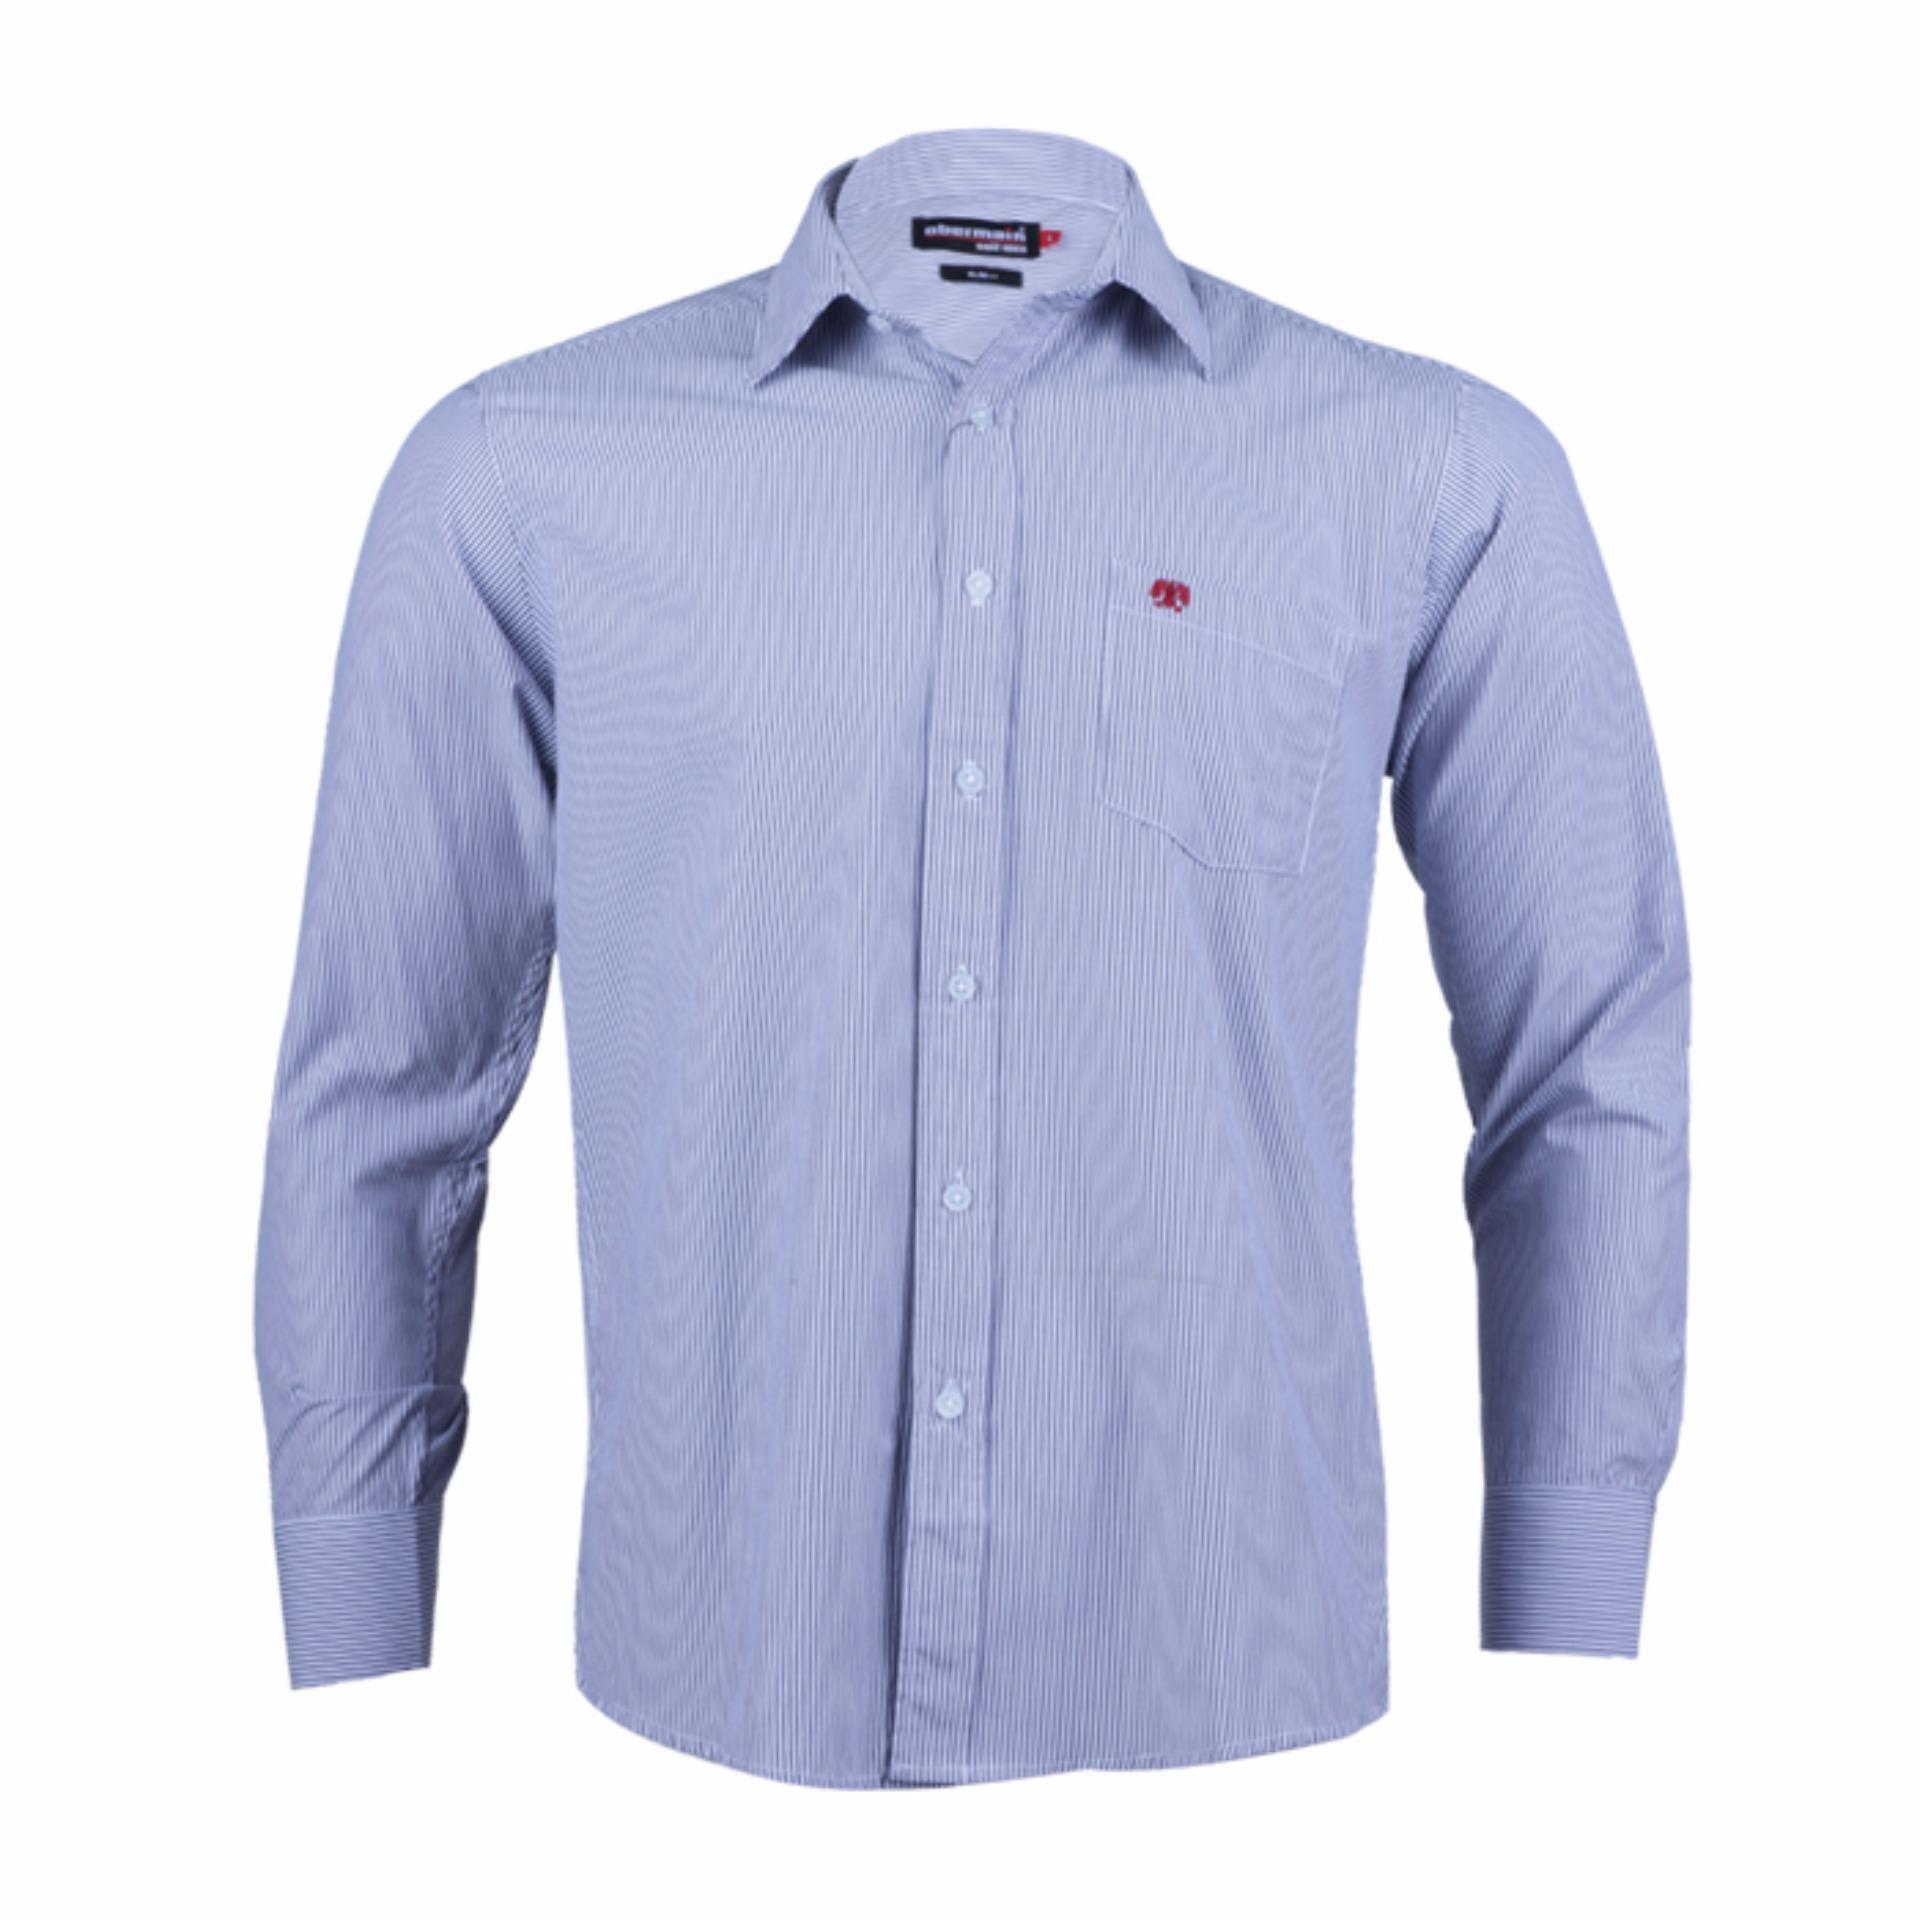 Jual Obermain Kemeja Pria Levi Shirt Blue Online Indonesia